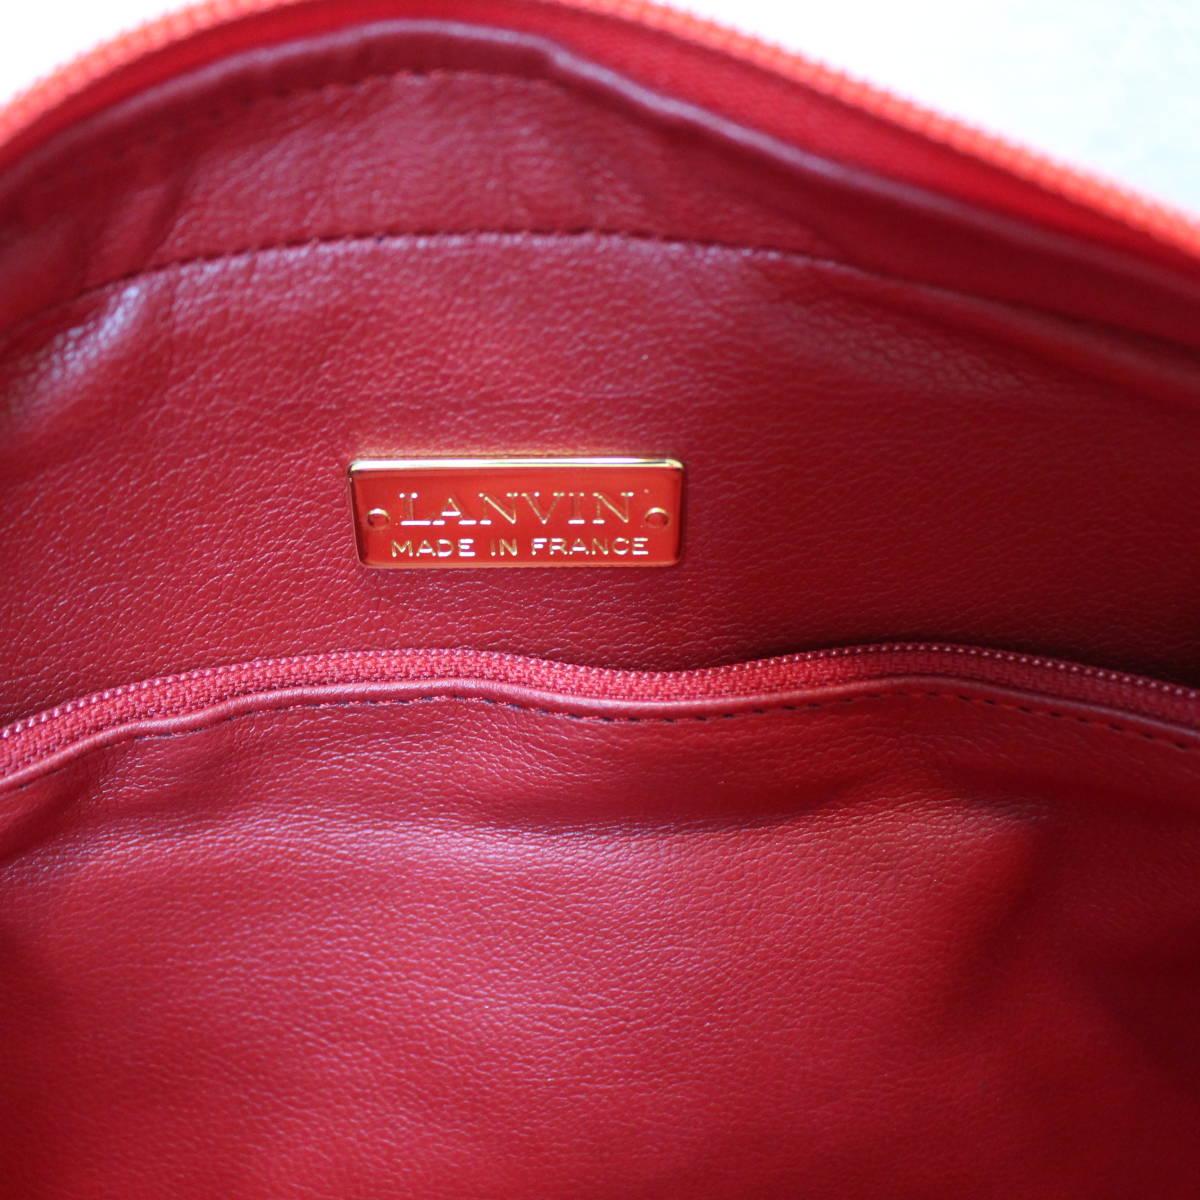 Lanvin LOGO LEATHER SHOULDER BAG MADE IN FRANCE/ランバンロゴレザーショルダーバッグ_画像9